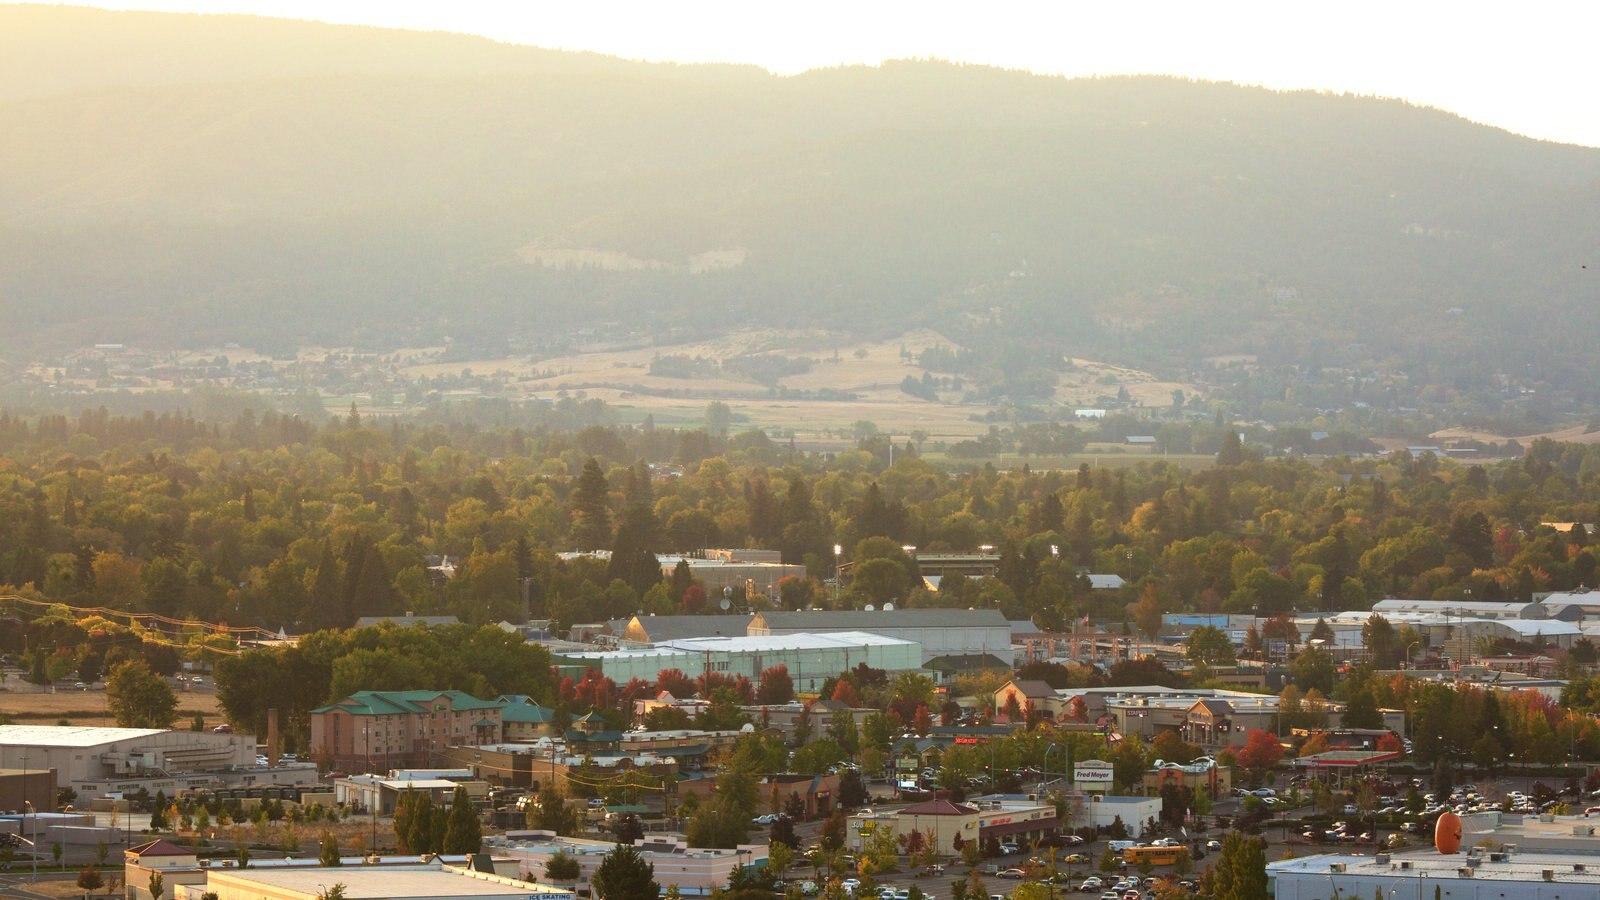 Medford mostrando una pequeña ciudad o pueblo y vistas de paisajes